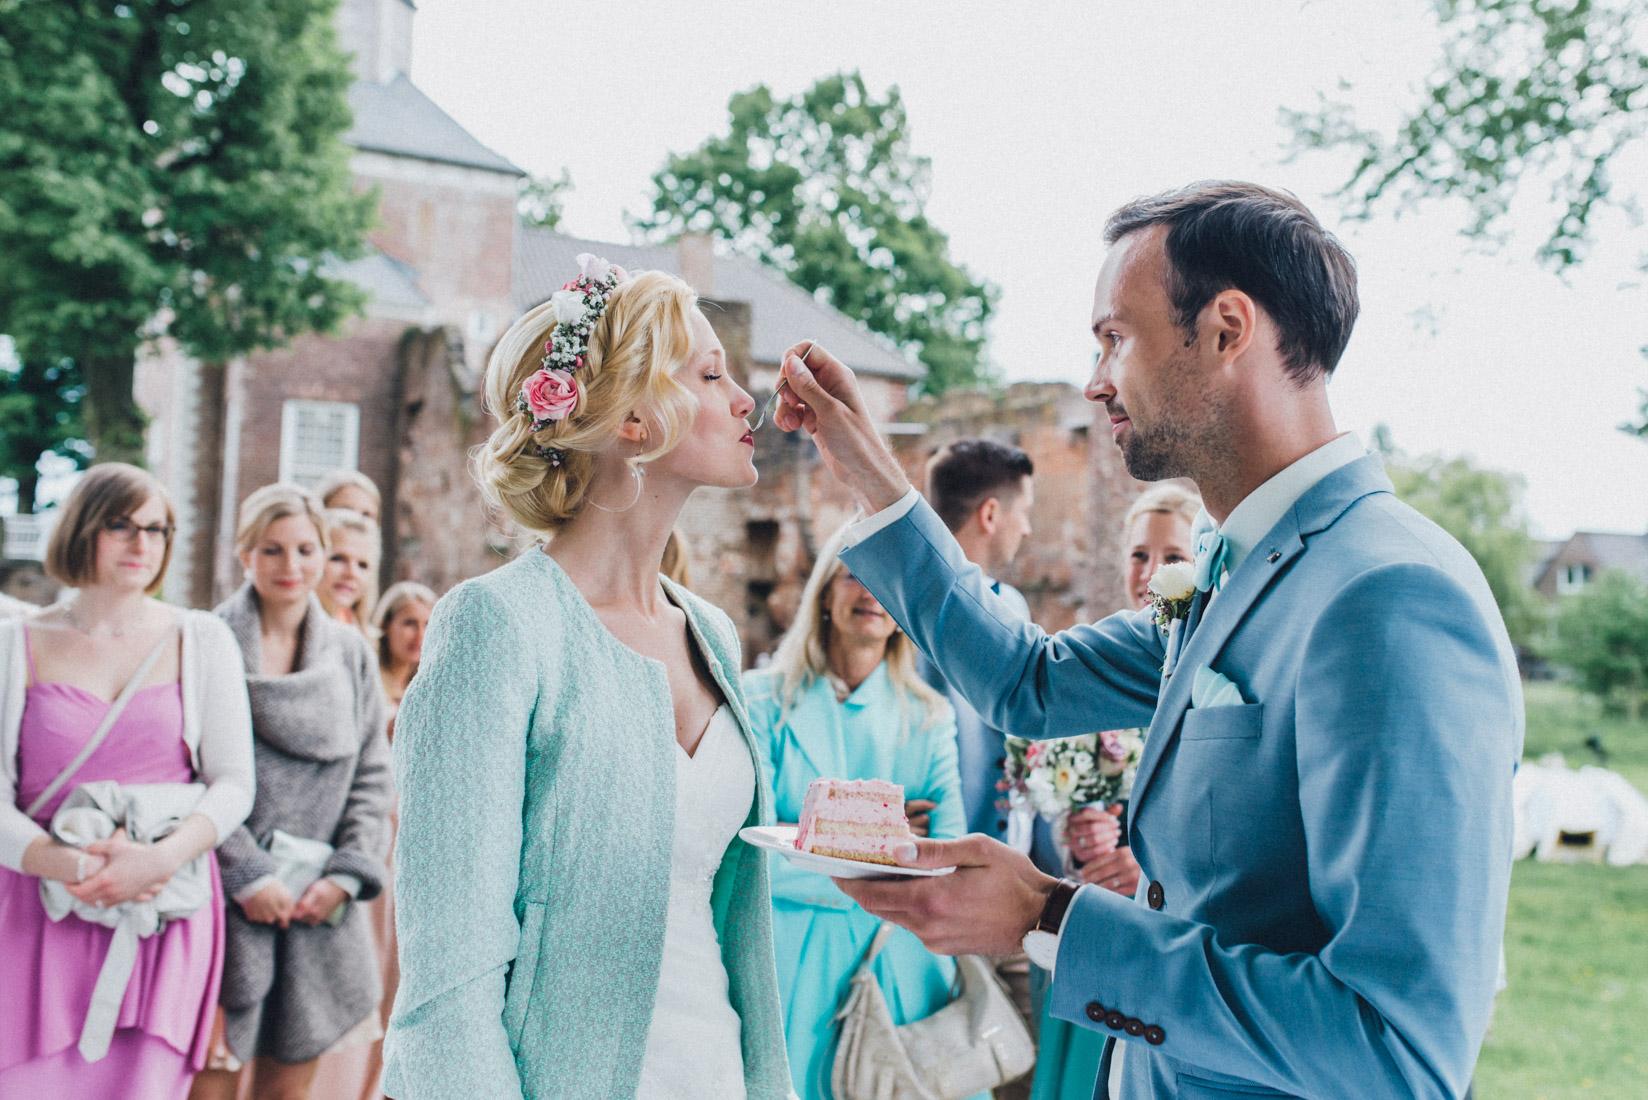 pastel-vintage-hertefeld-103 hochzeitsfotograf schloss hertefeldGalina & Robert DIY Pastel Vintage Hochzeit auf Schloss Hertefeldpastel vintage hertefeld 103